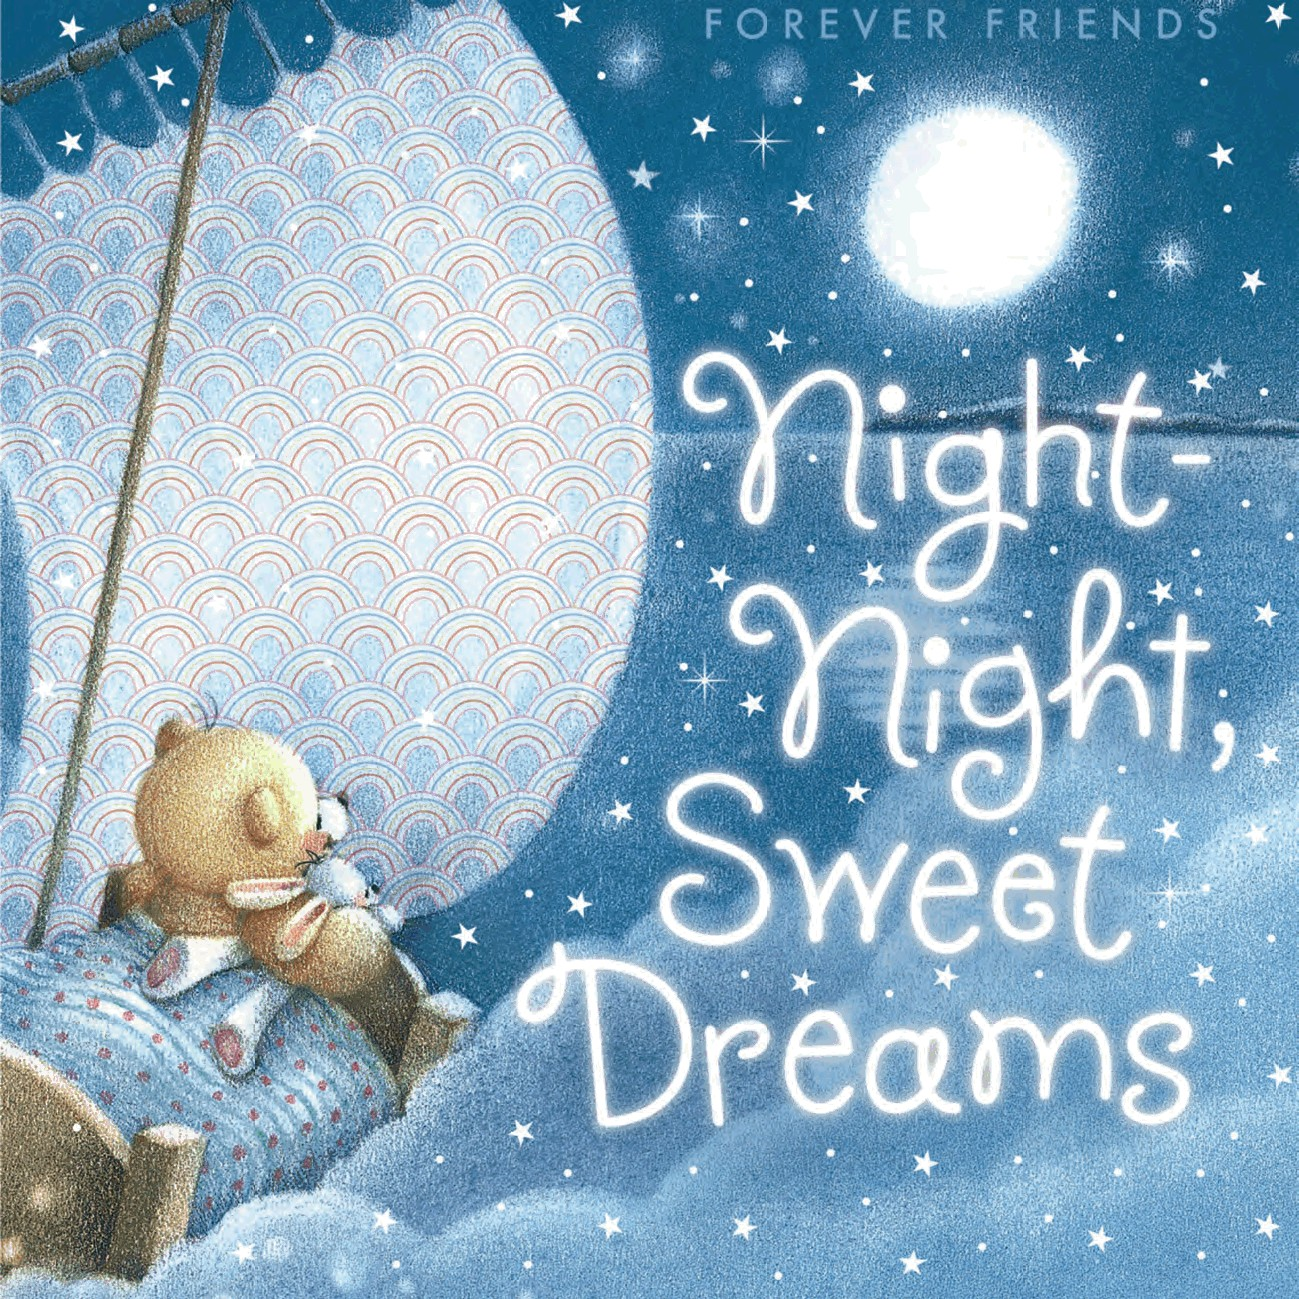 Dreams good bilder kostenlos night sweet Good Morning